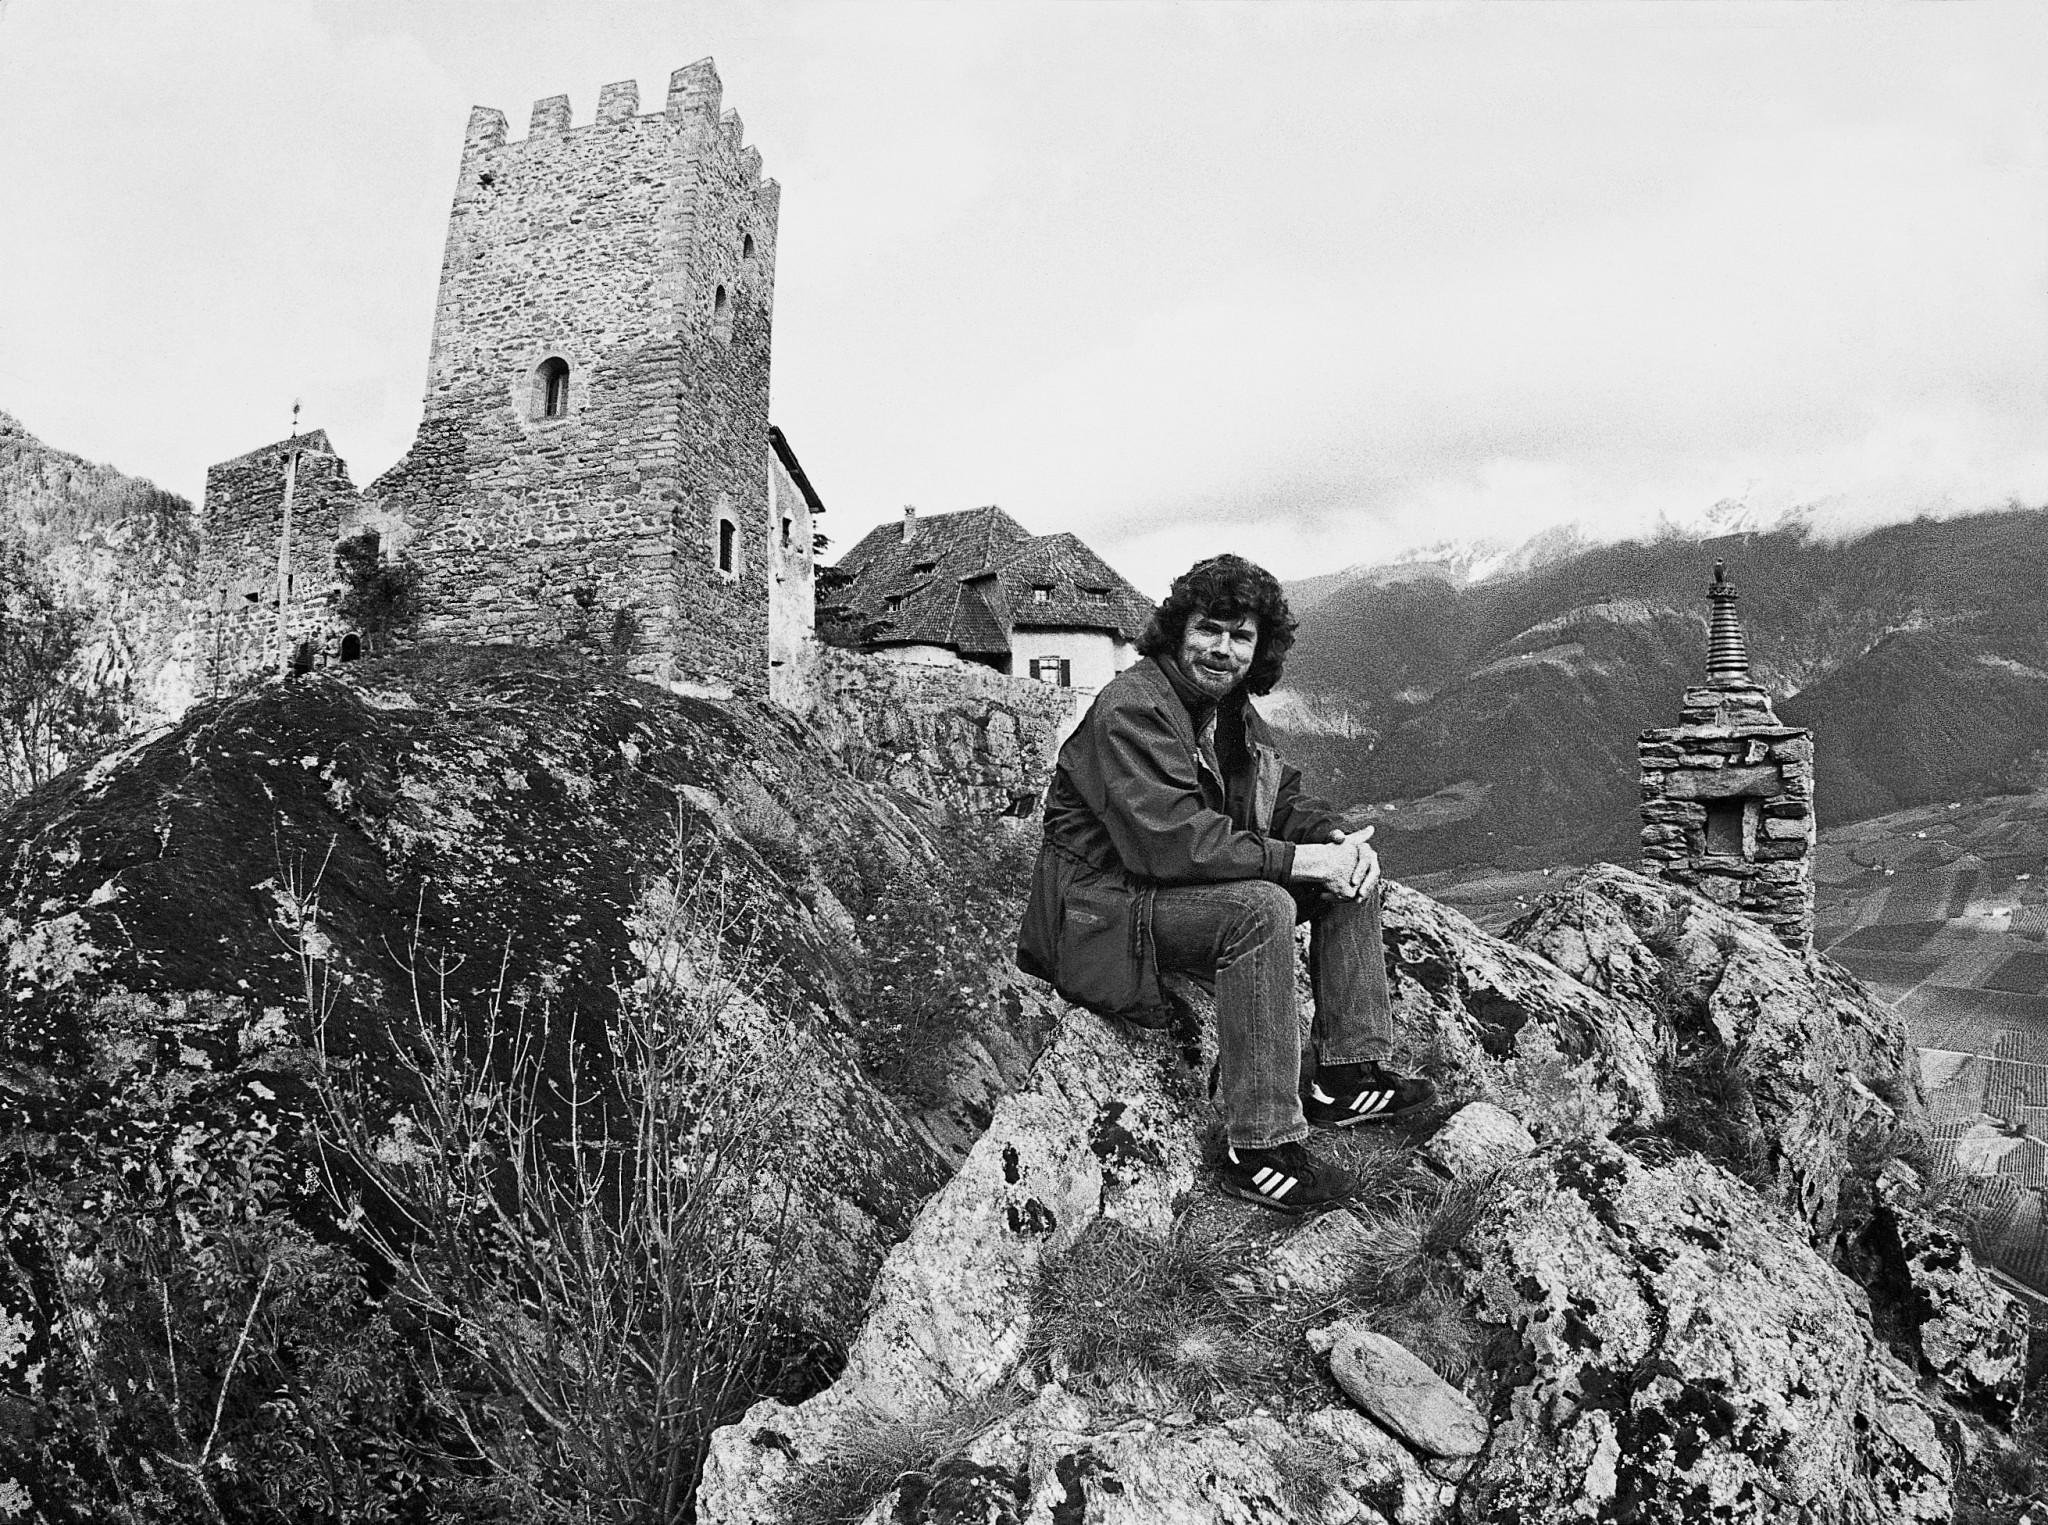 Reinhold-Messner-Le-Sur-Vivant-image-17